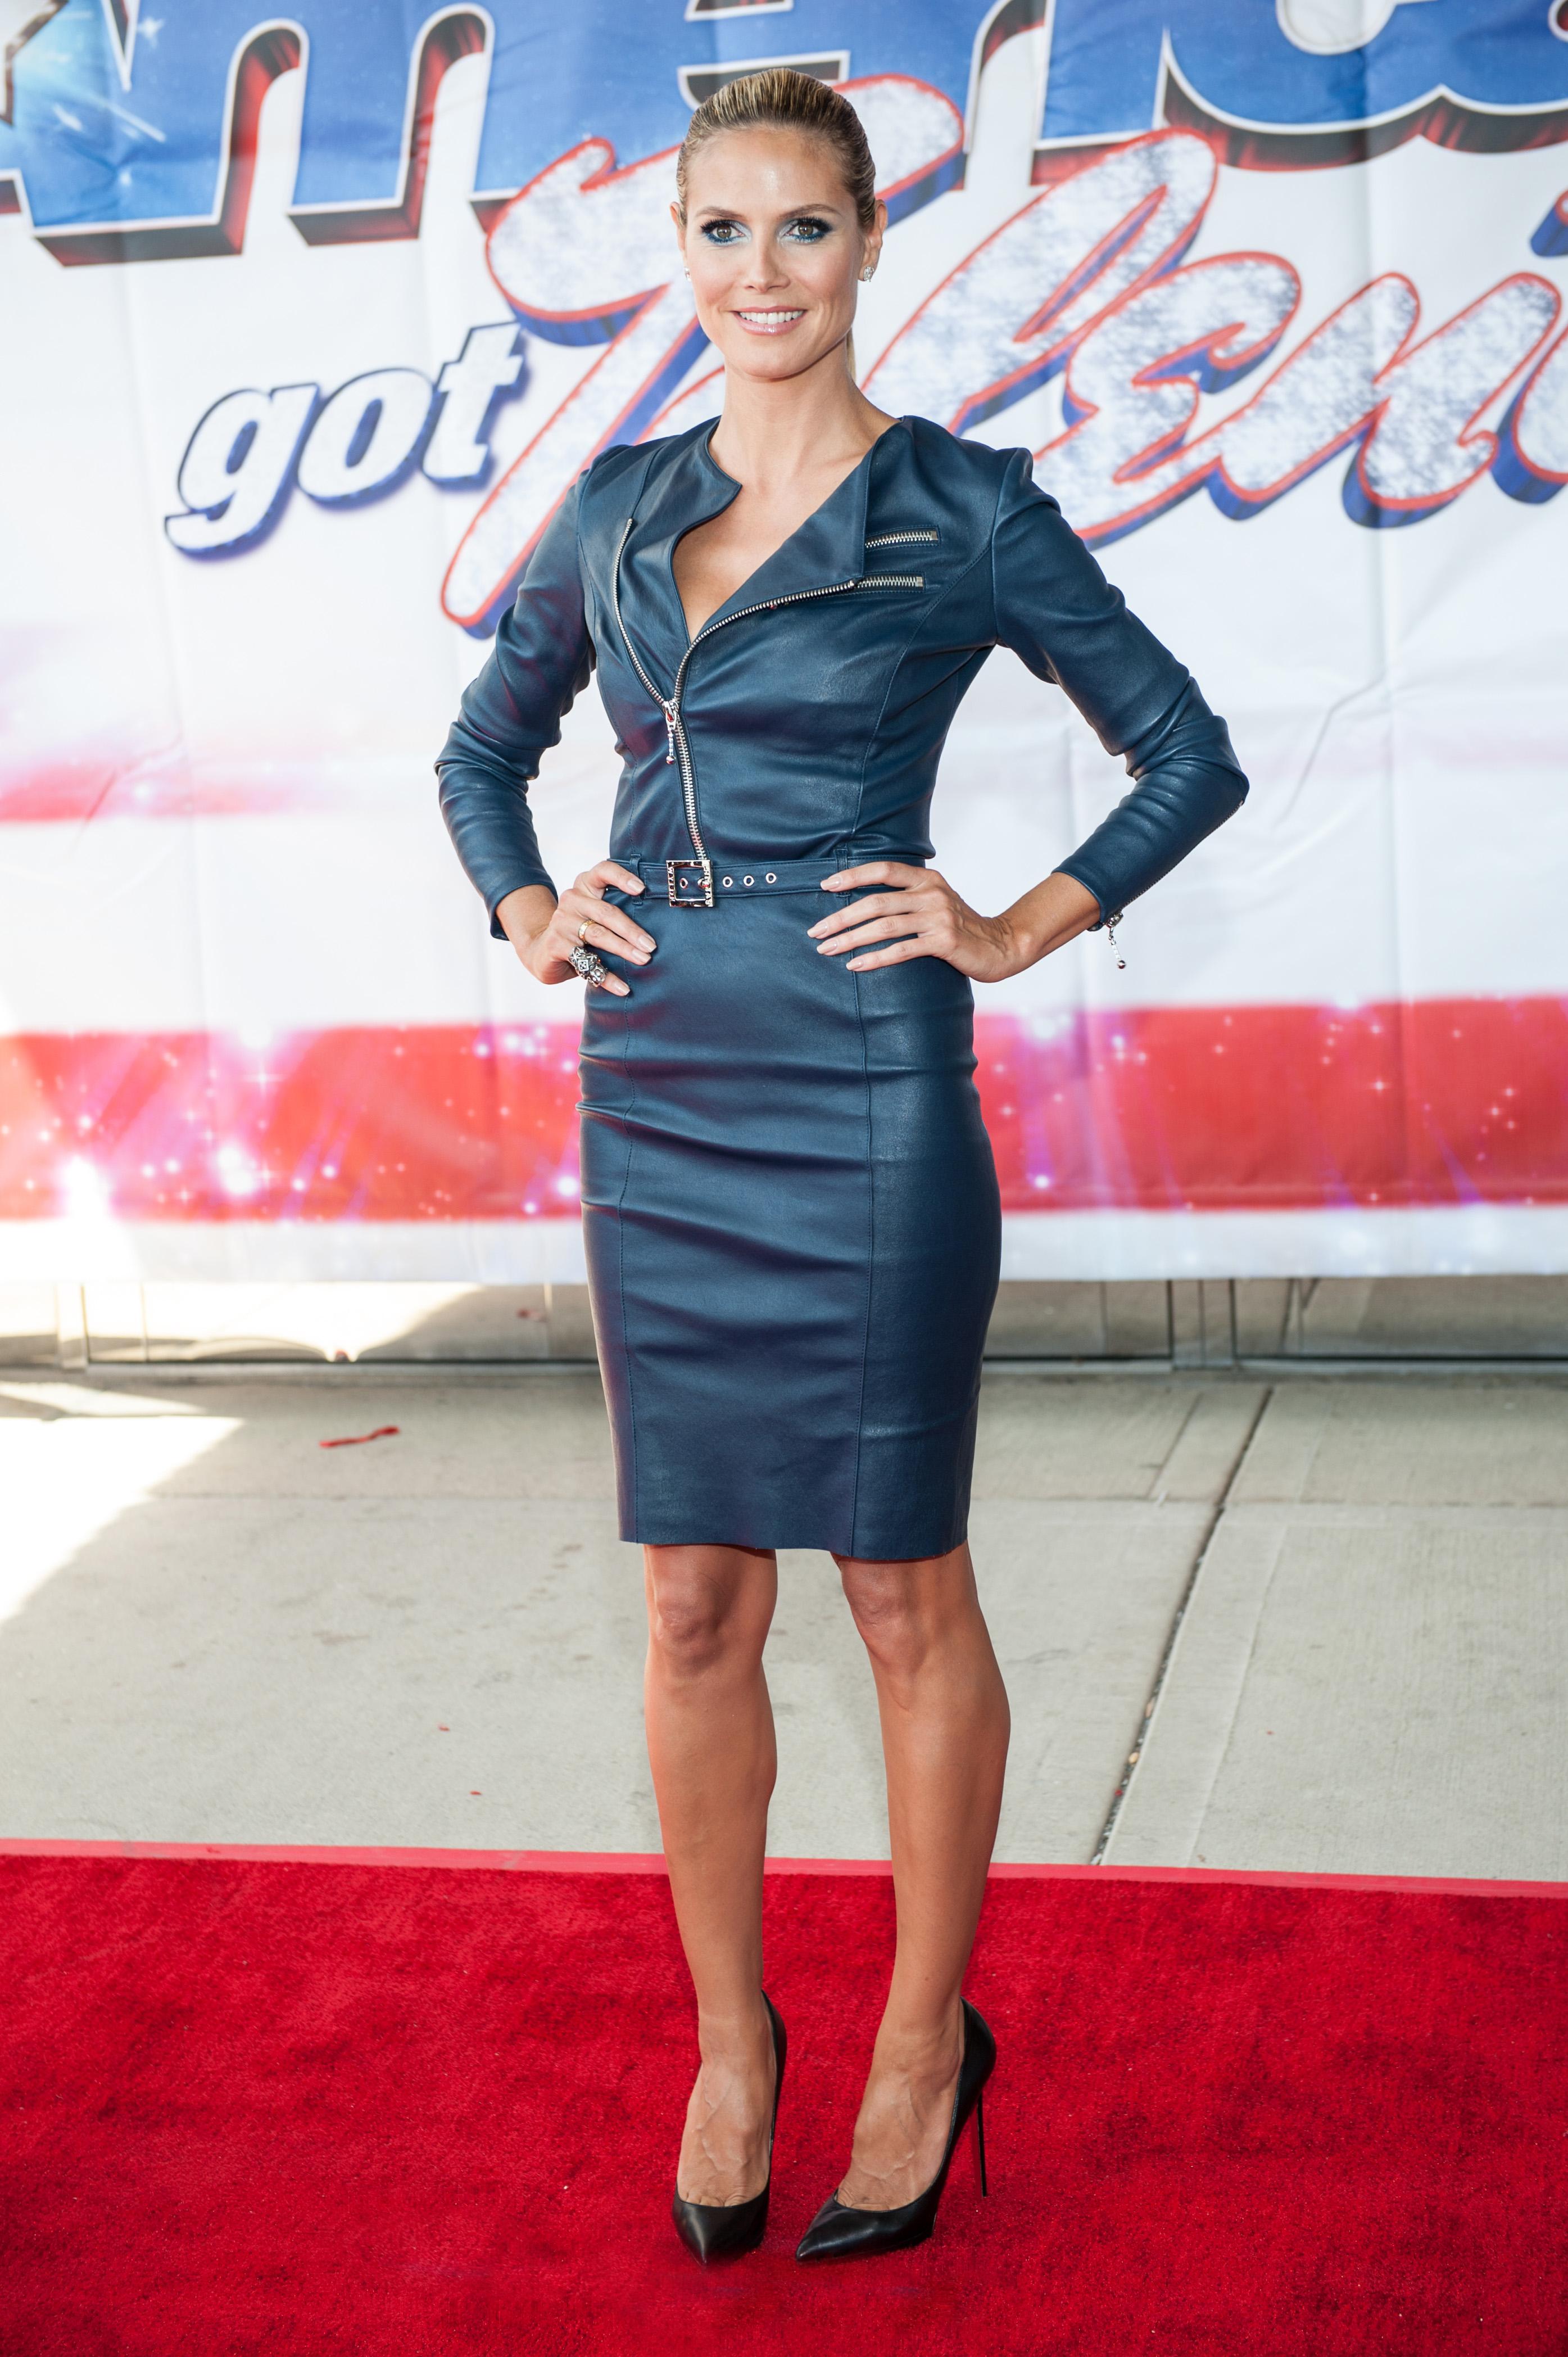 The Toe Cleavage Blog Tall Women Week Two Heidi Klum